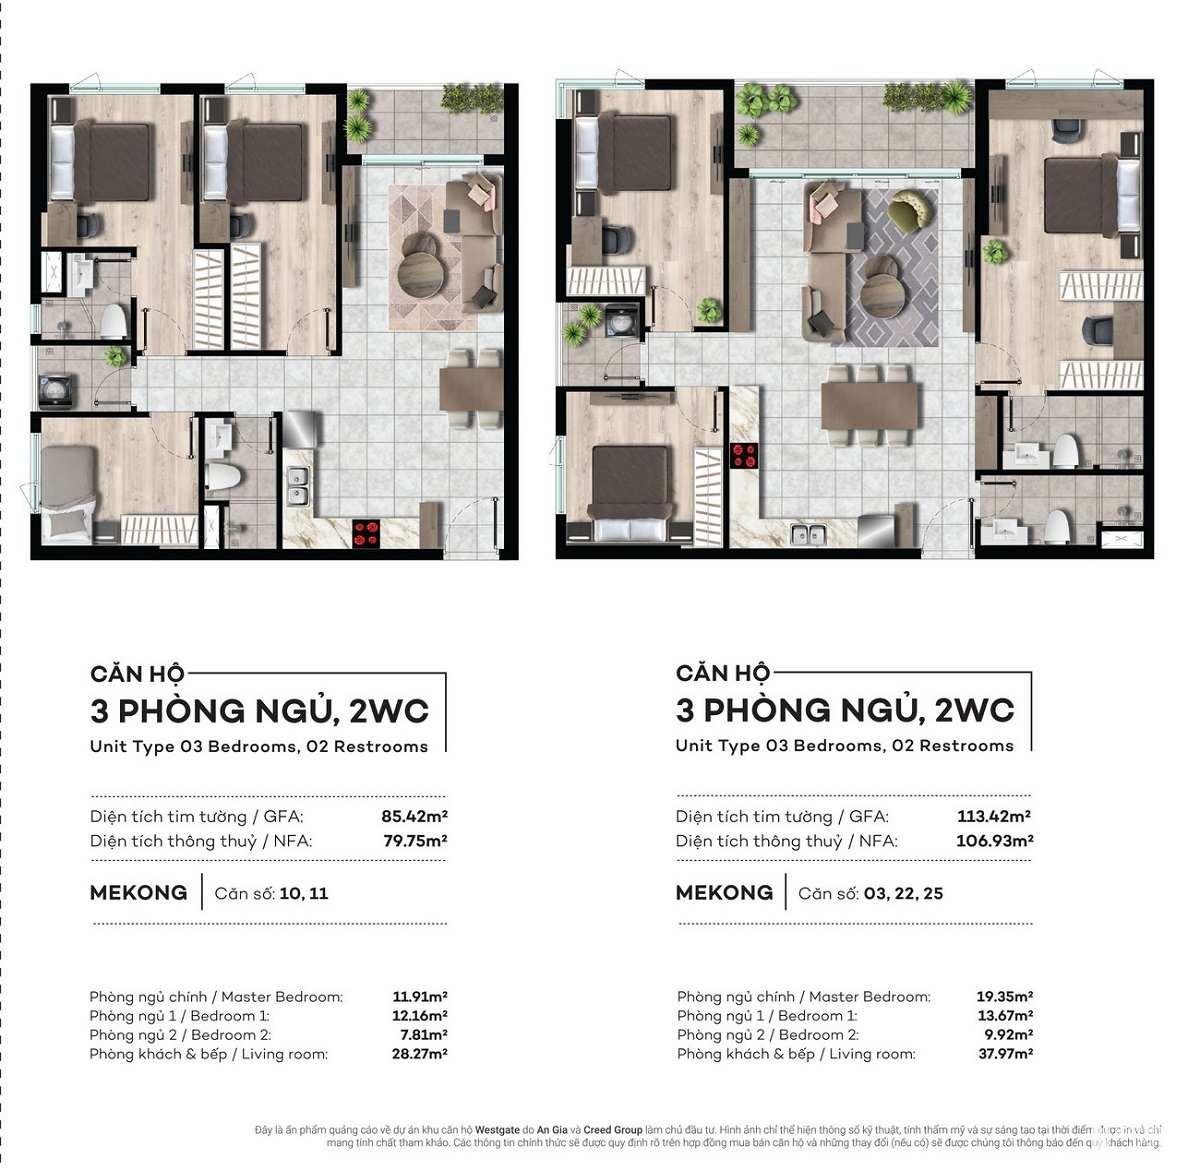 Các căn hộ được thiết kế đa dạng diện tích